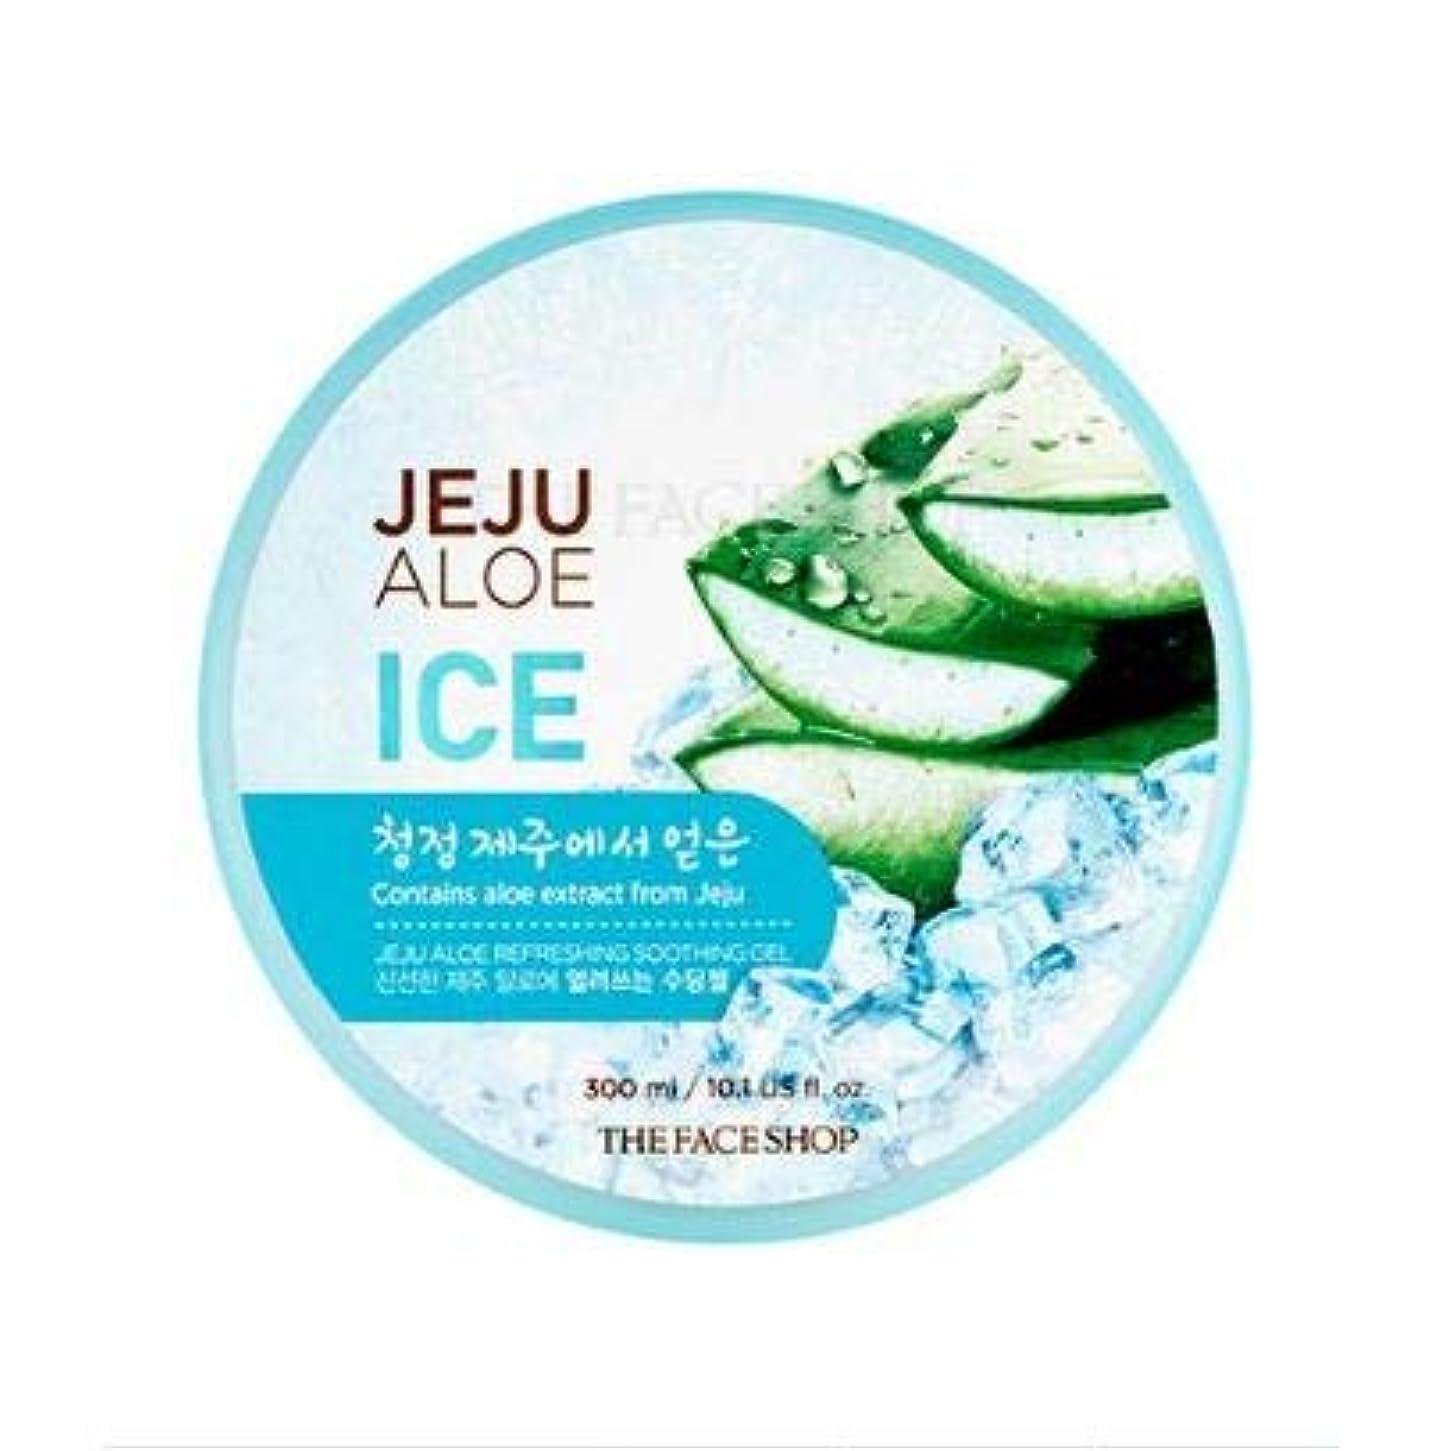 調査定刻衰えるザフェイスショップ 済州 アロエ リフレッシング スージング ジェル 300ml / THE FACE SHOP Jeju Aloe Refreshing Soothing Gel 300ml [並行輸入品]